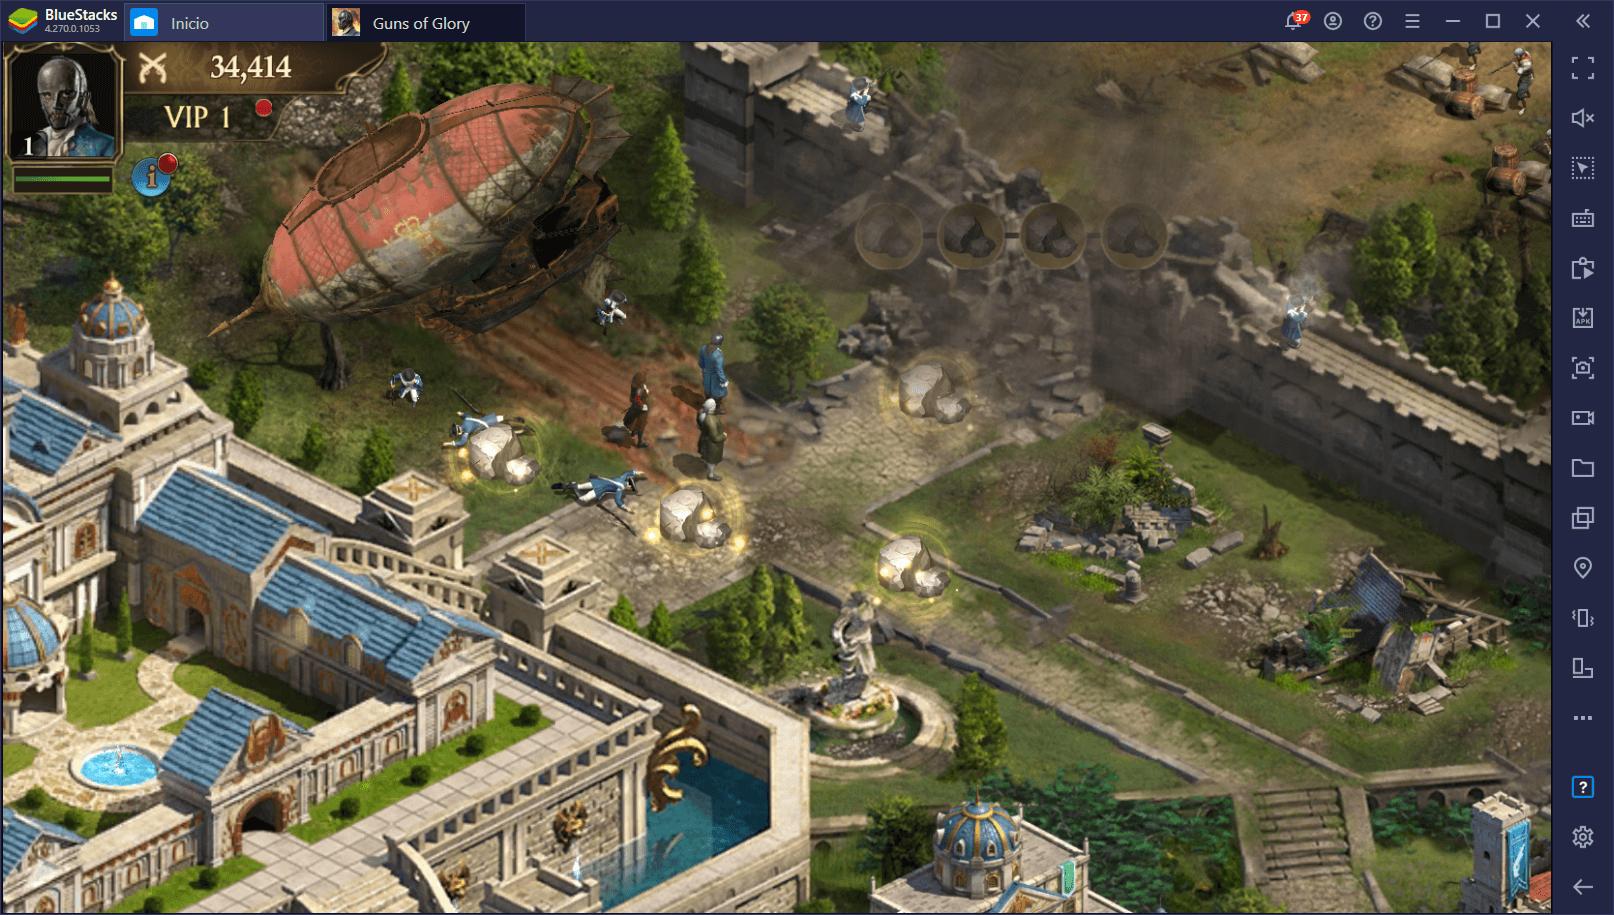 Cómo Instalar y Jugar Guns of Glory en PC con BlueStacks